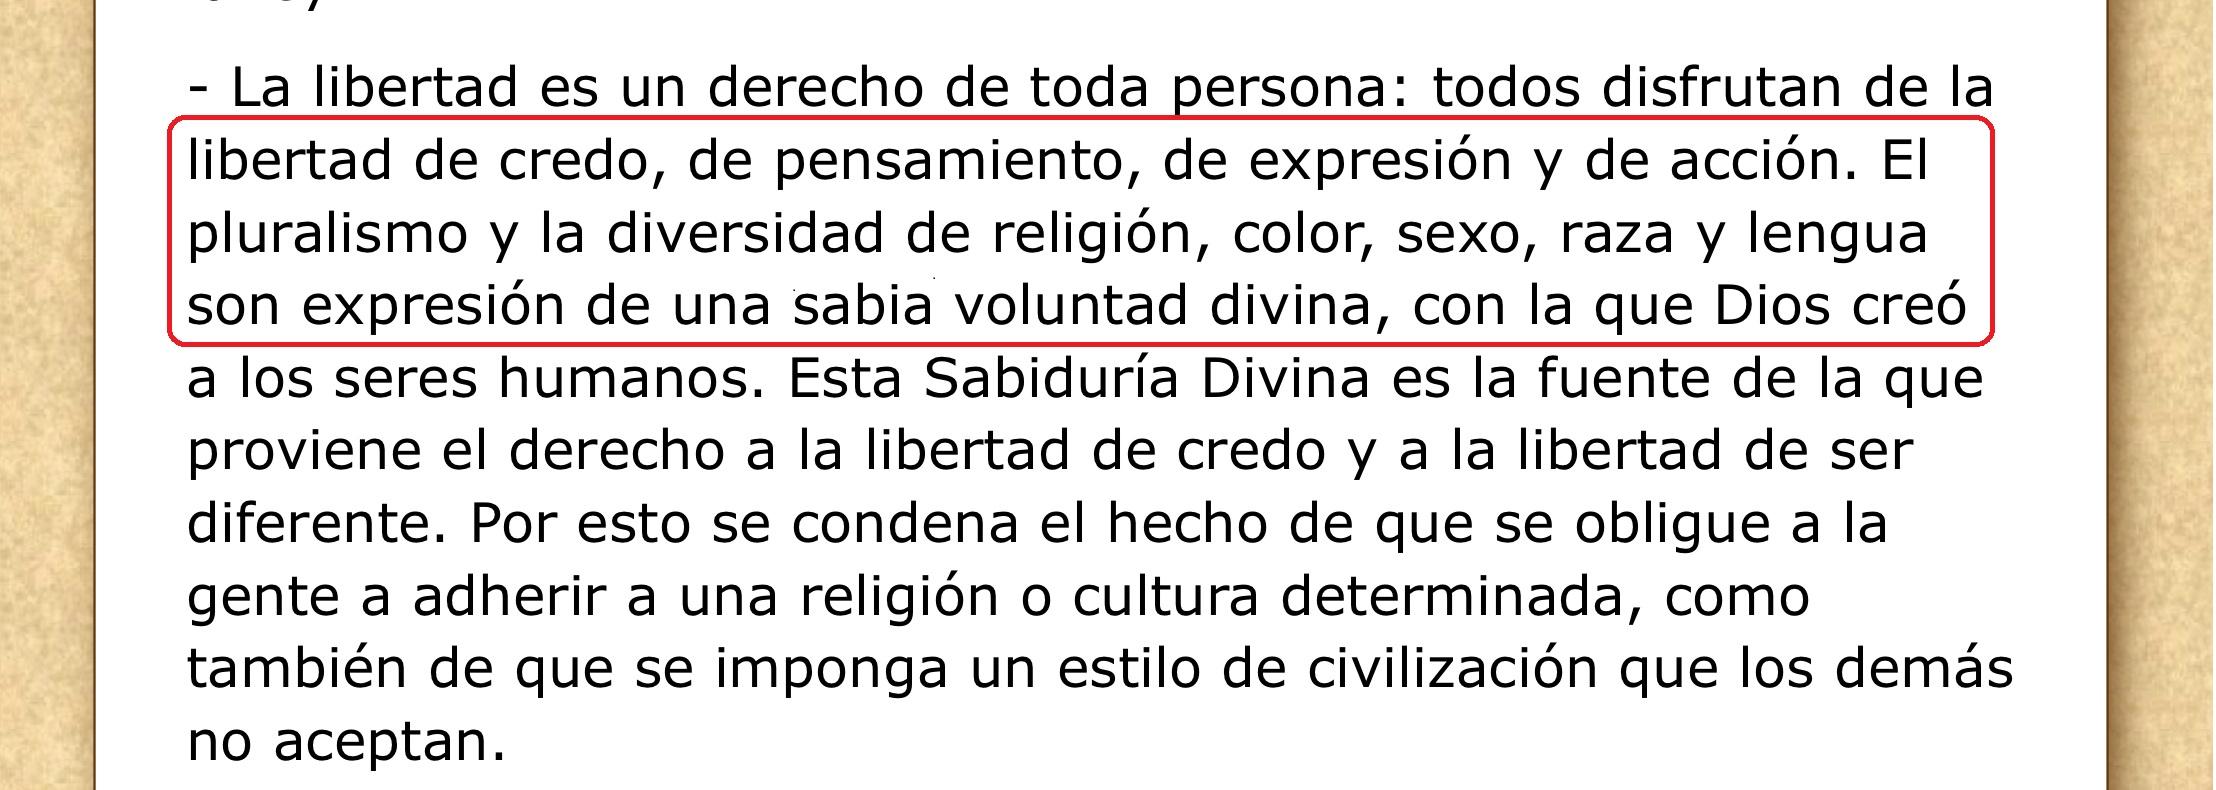 Herejía dentro de la Declaración de Abu Dabi: El pluralismo y la diversidad de religión, color, sexo, raza y lengua son expresión de una sabia voluntad divina, con la que Dios creó a los seres humanos